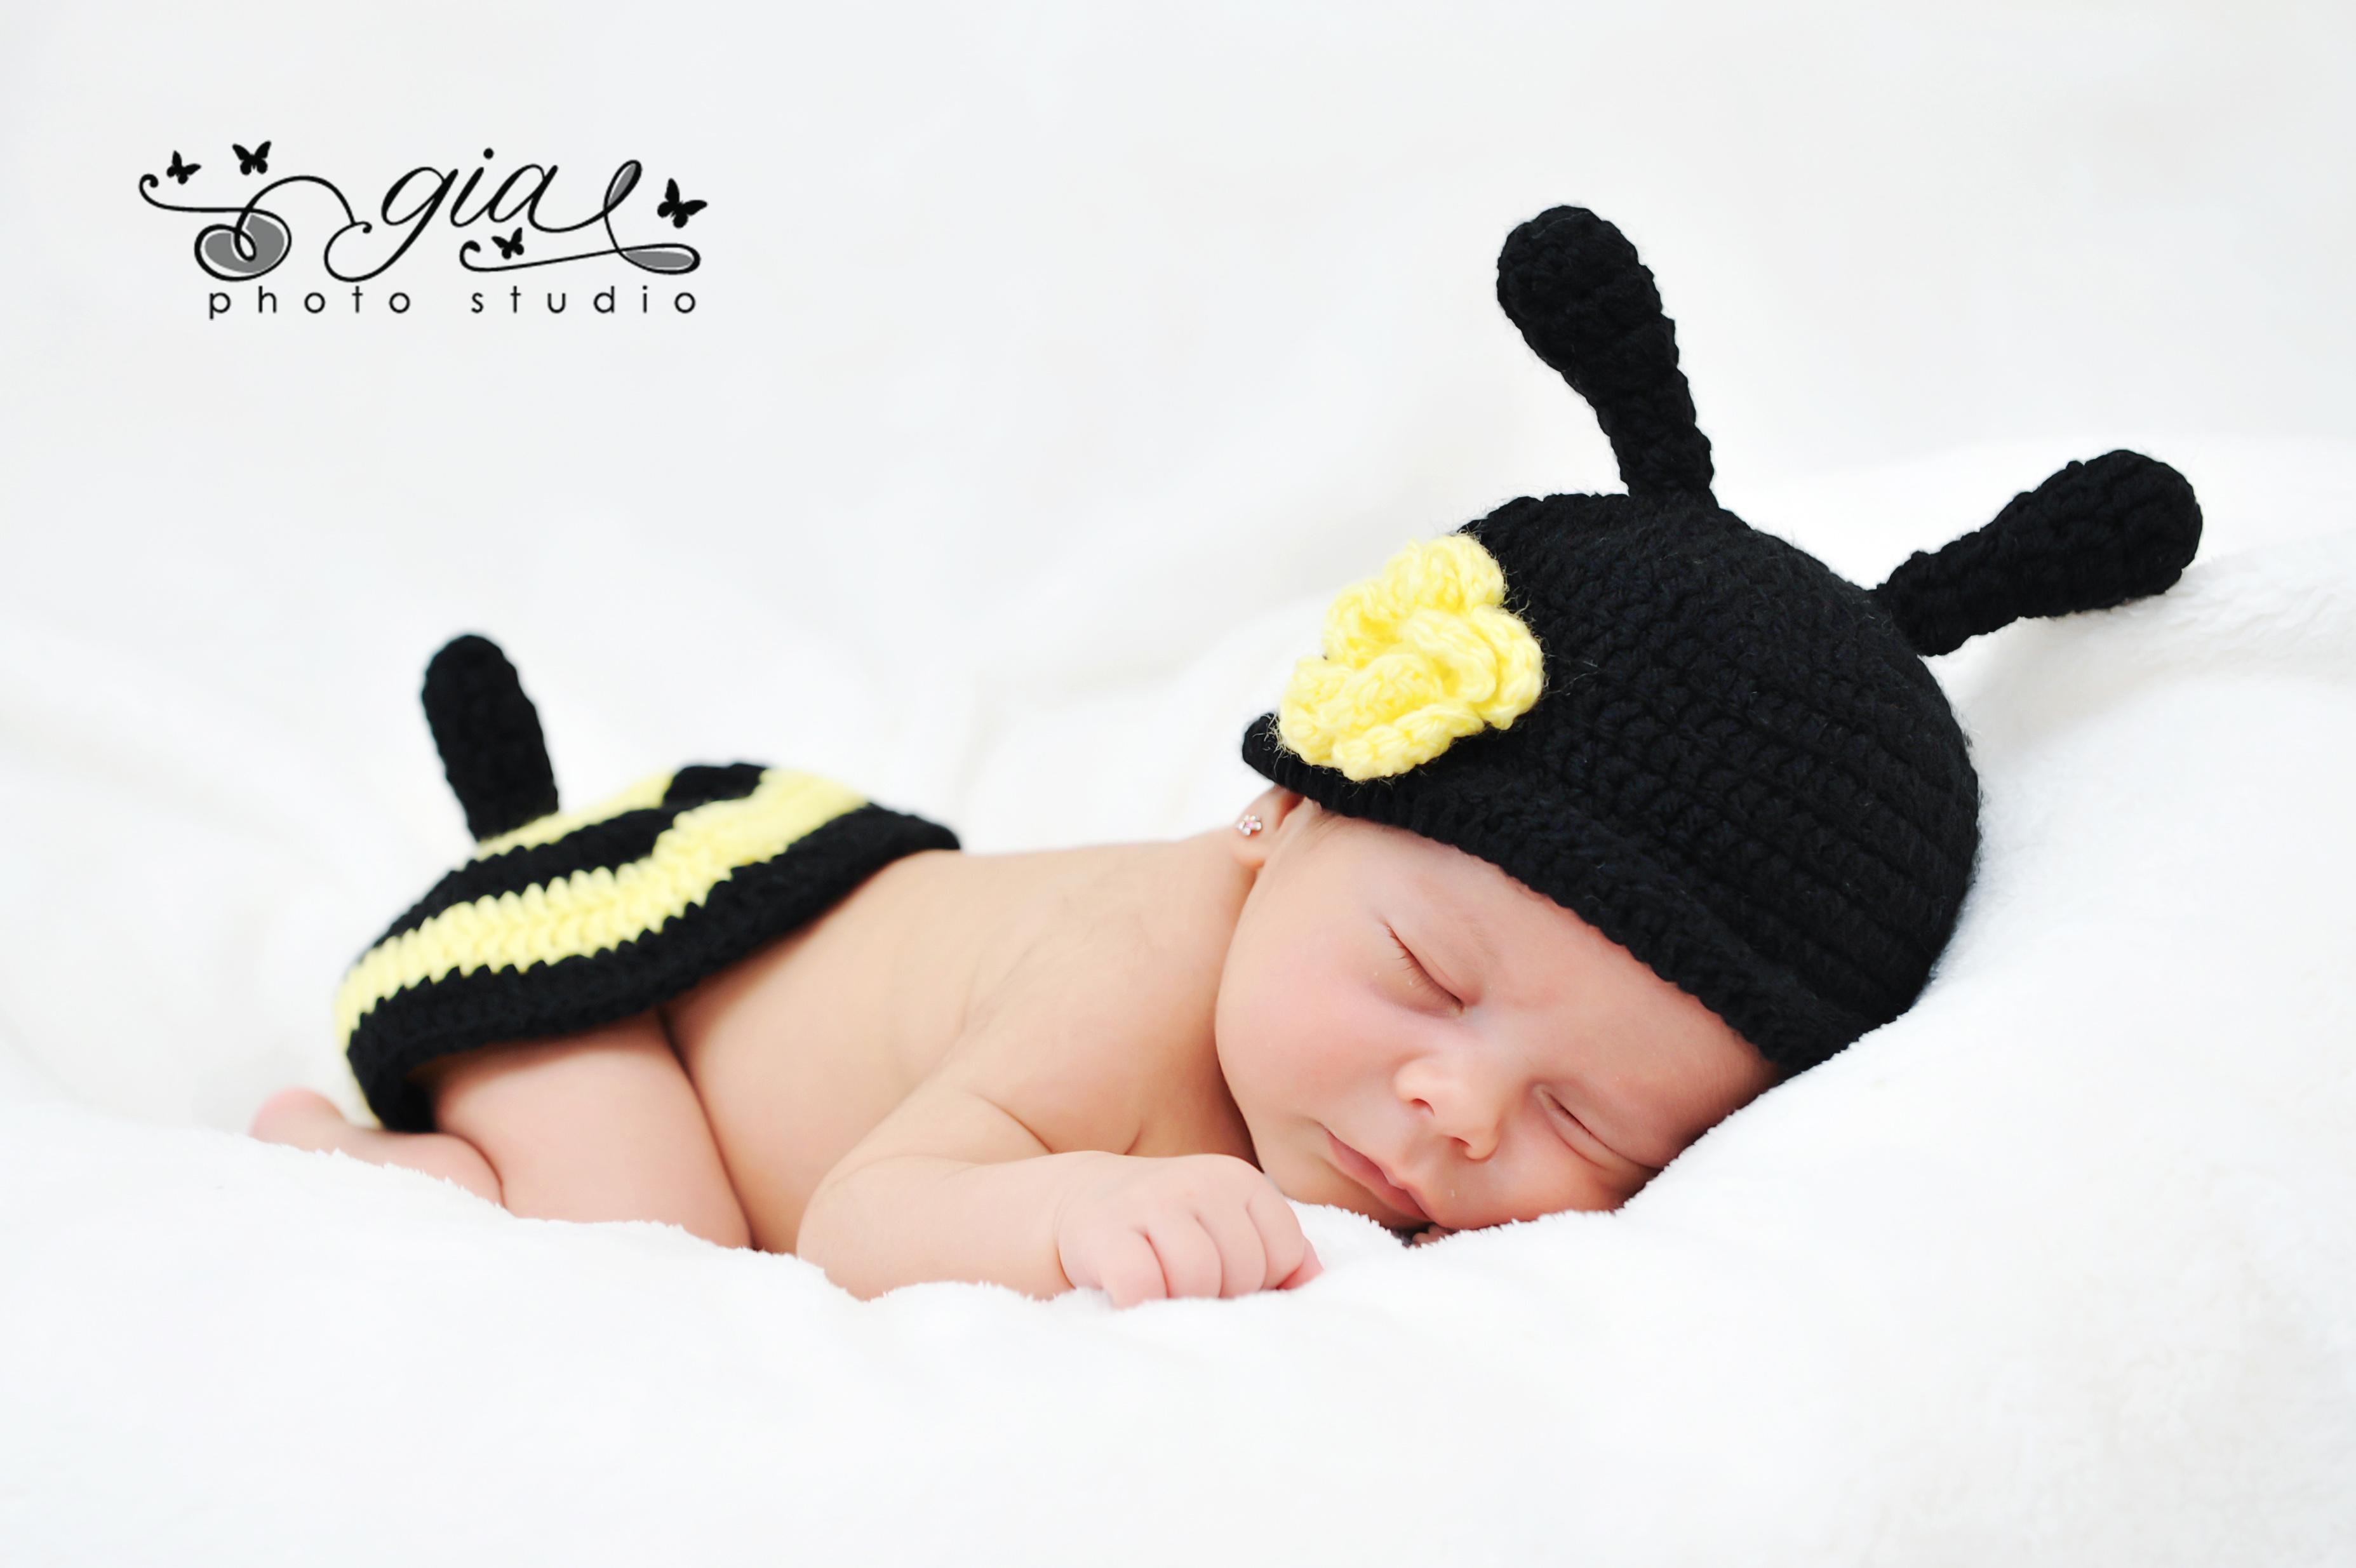 Poze bebelusi nou nascuti 3